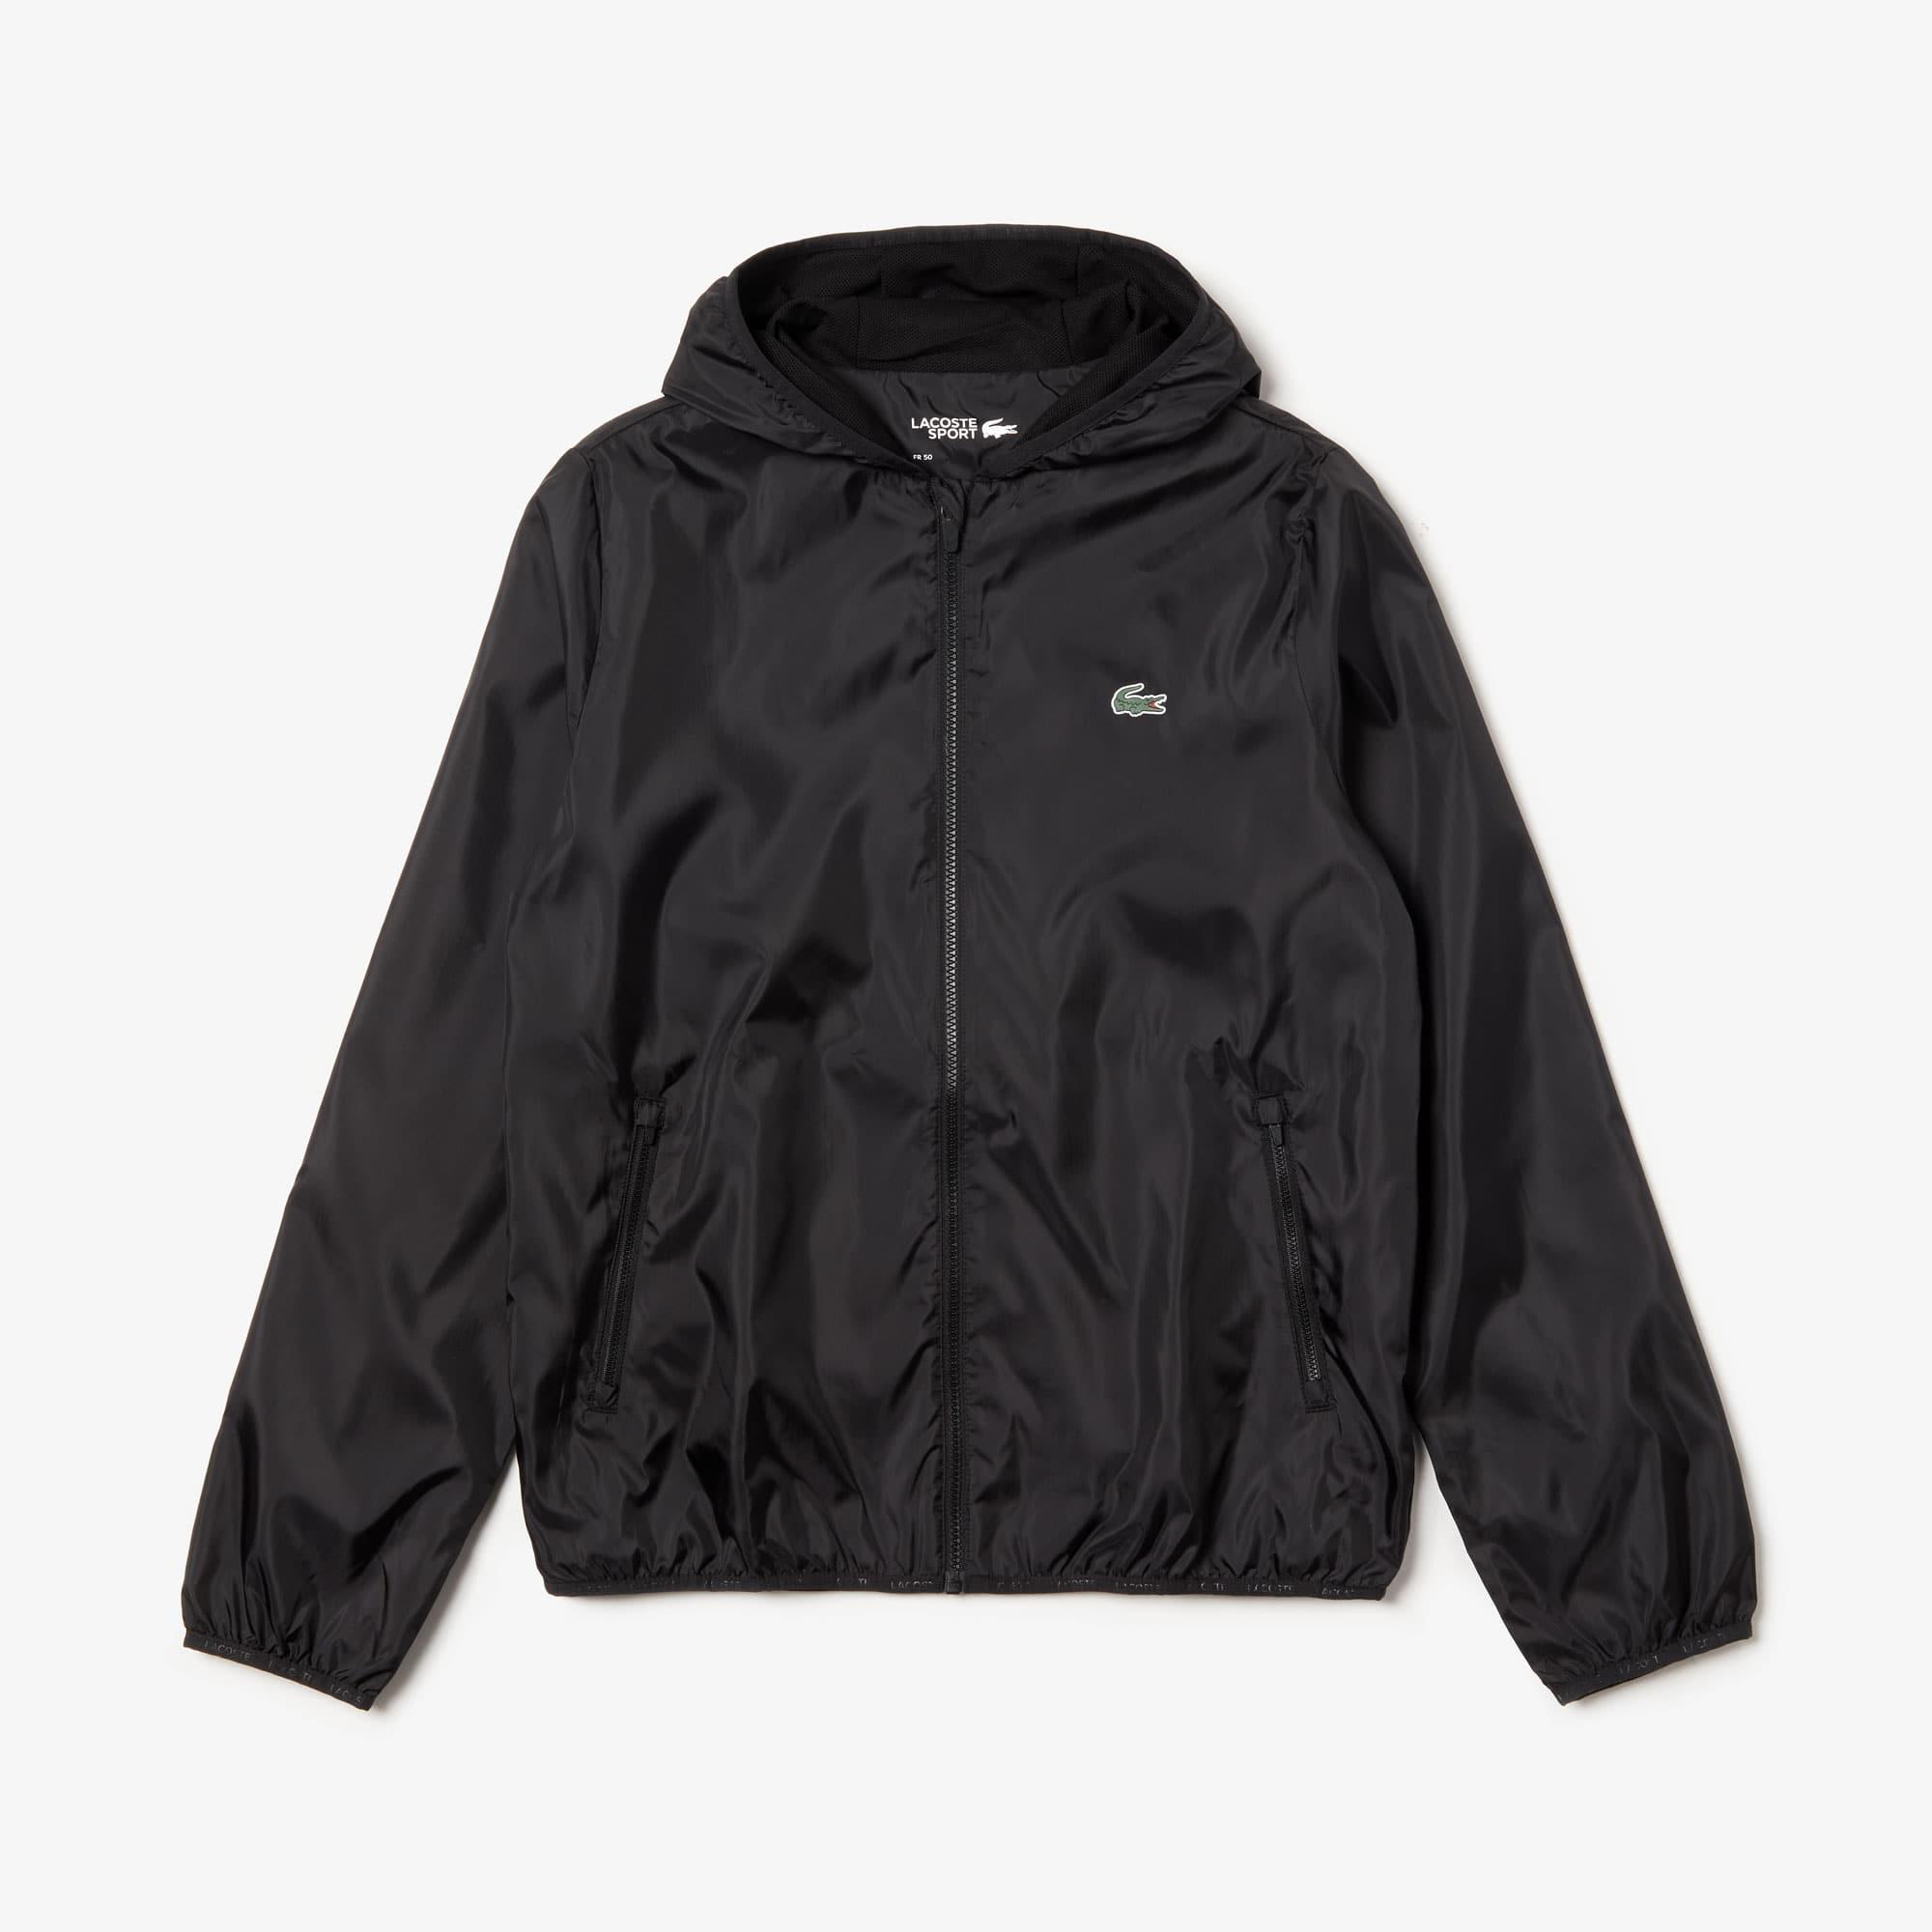 2c4517700a53a Jackets & Coats | Men's Fashion | LACOSTE